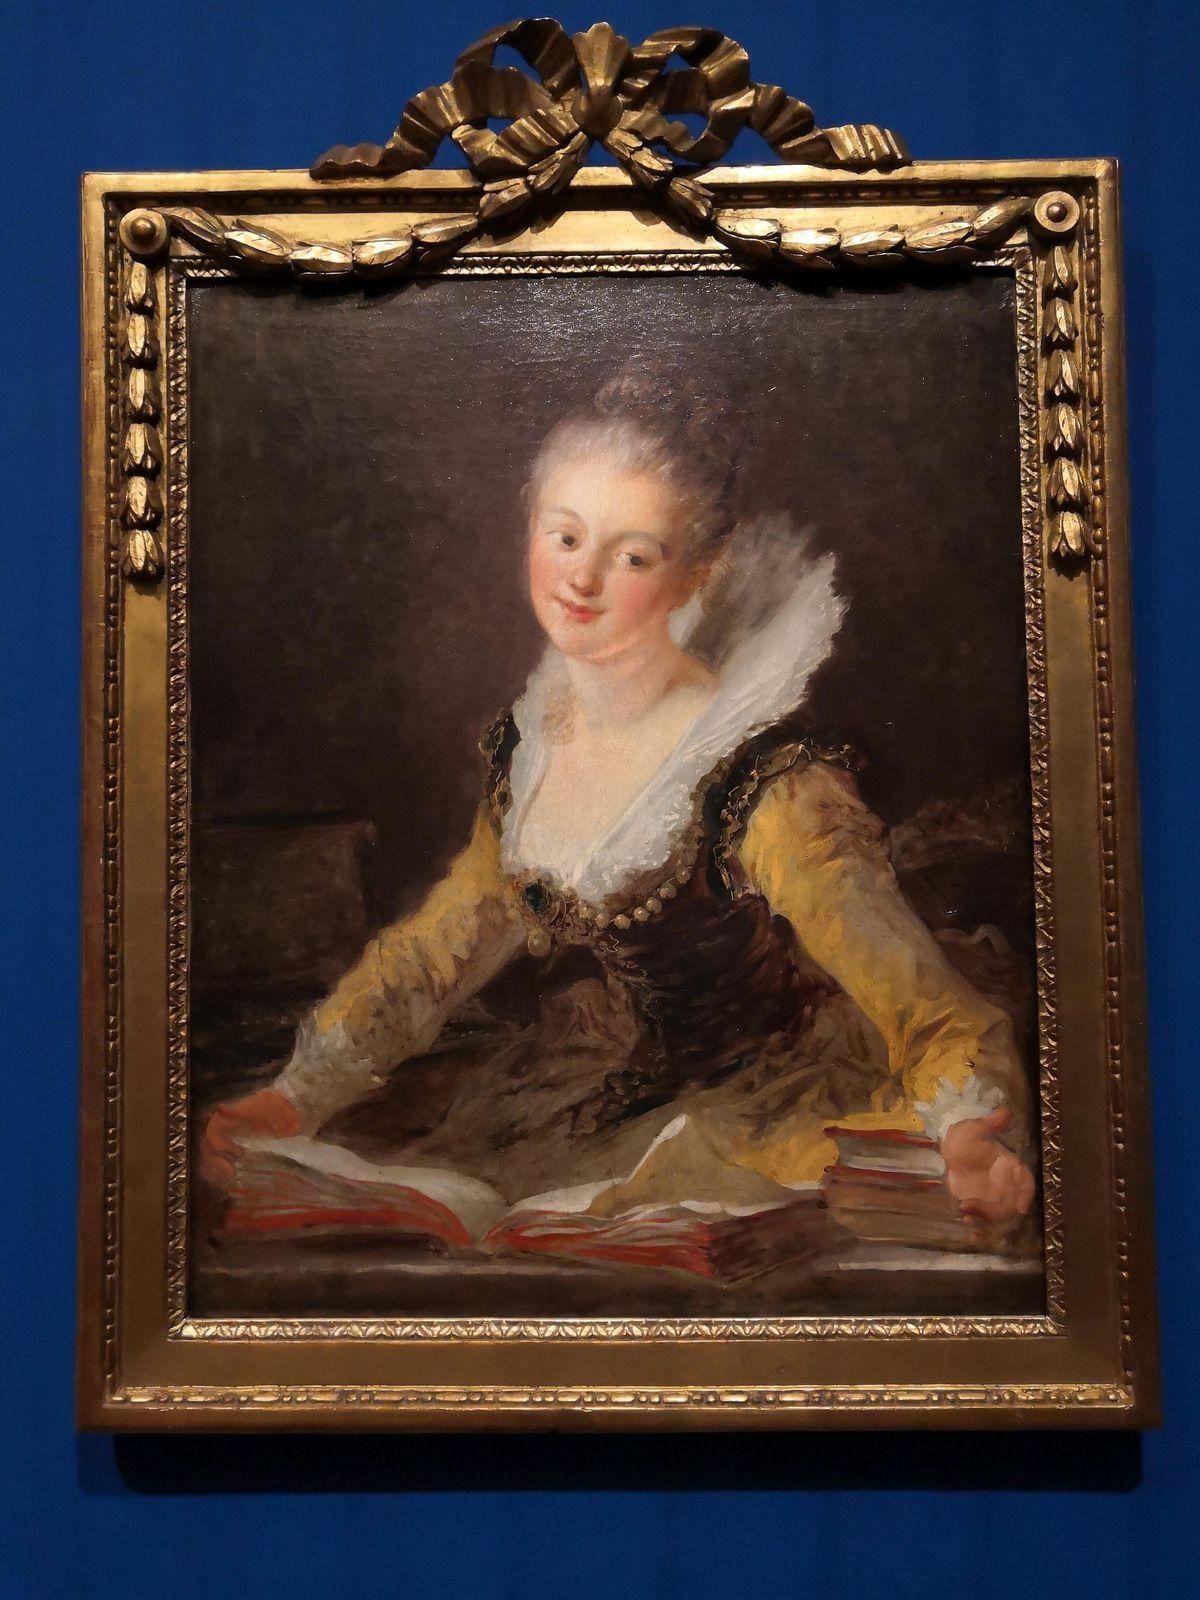 Jean-Honoré Fragonard (Grasse, 1732 - Paris 1806), La Musicienne Anne Louise Brillon de Jouy (1744-1824), née Boivin d'Hardancourt, Huile sur toile